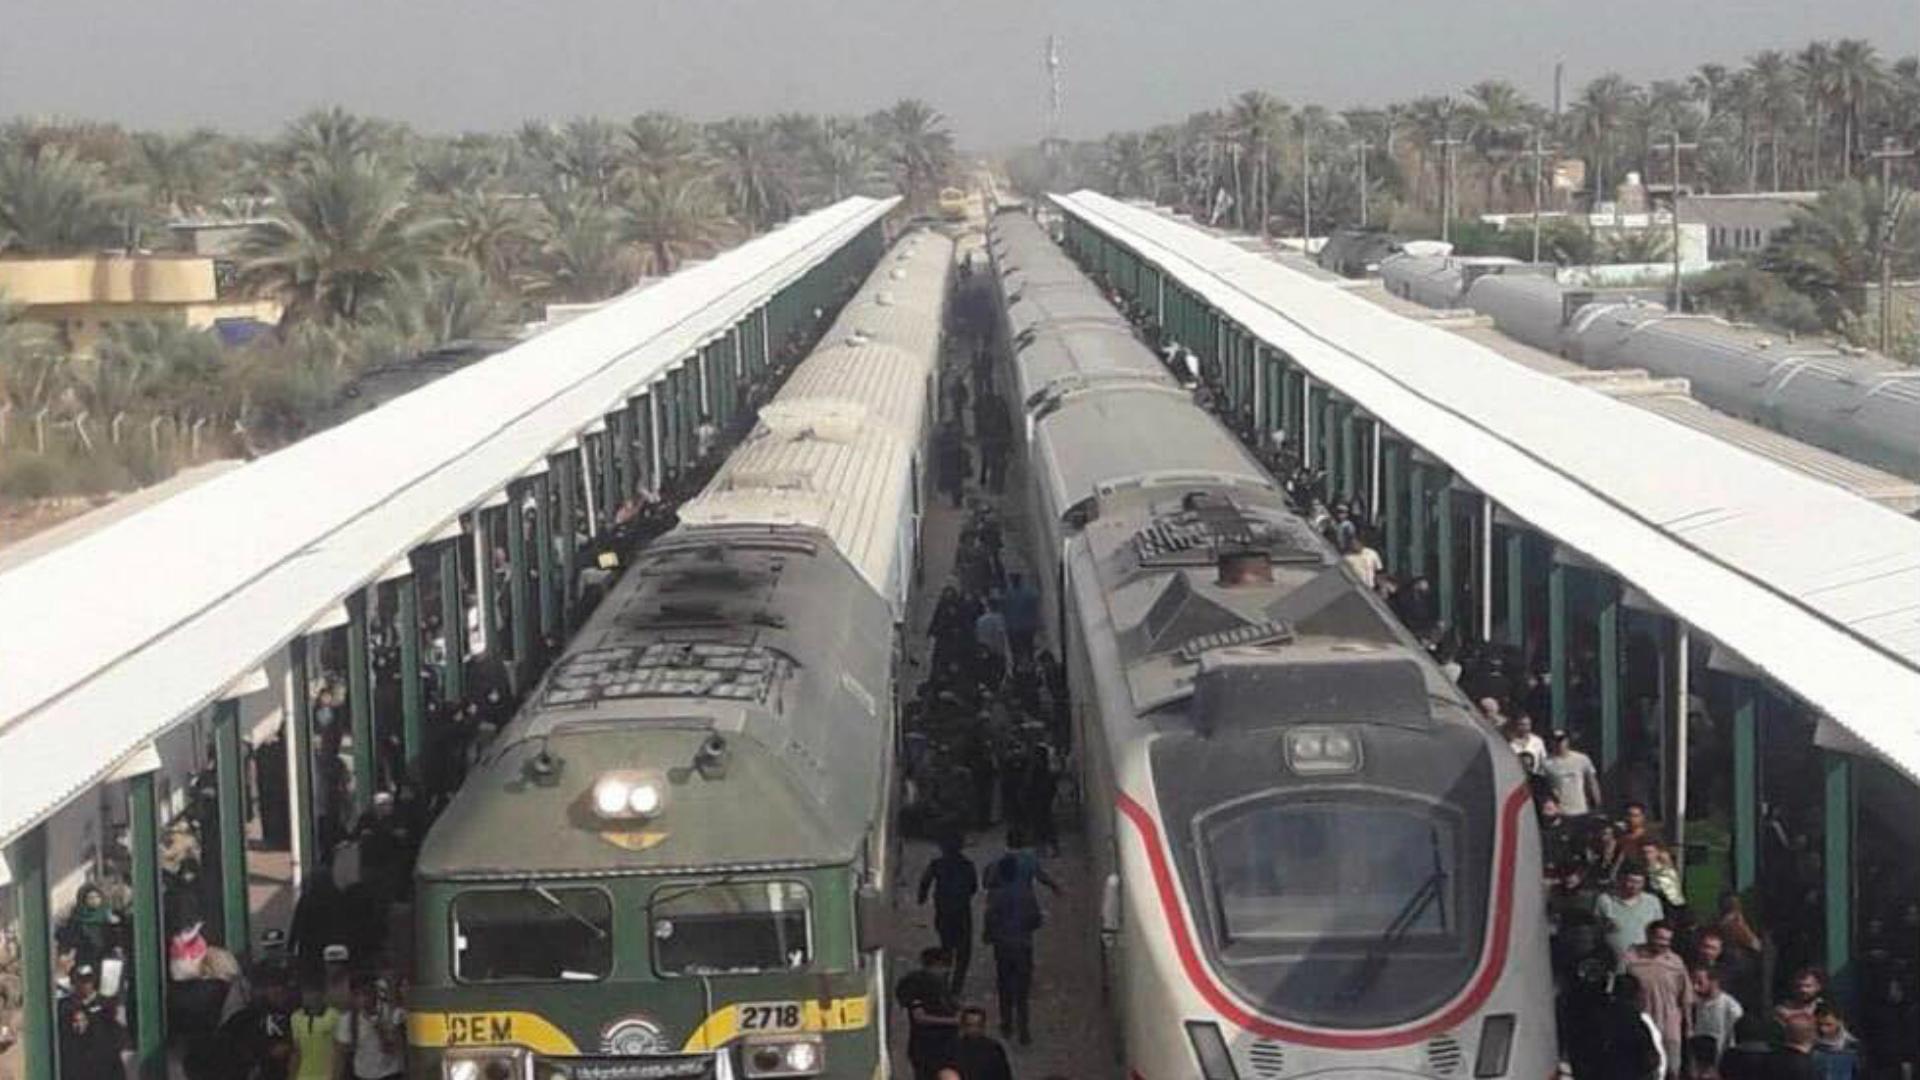 البدء بمد خط سكة حديد مزدوجة بين بغداد والبصرة